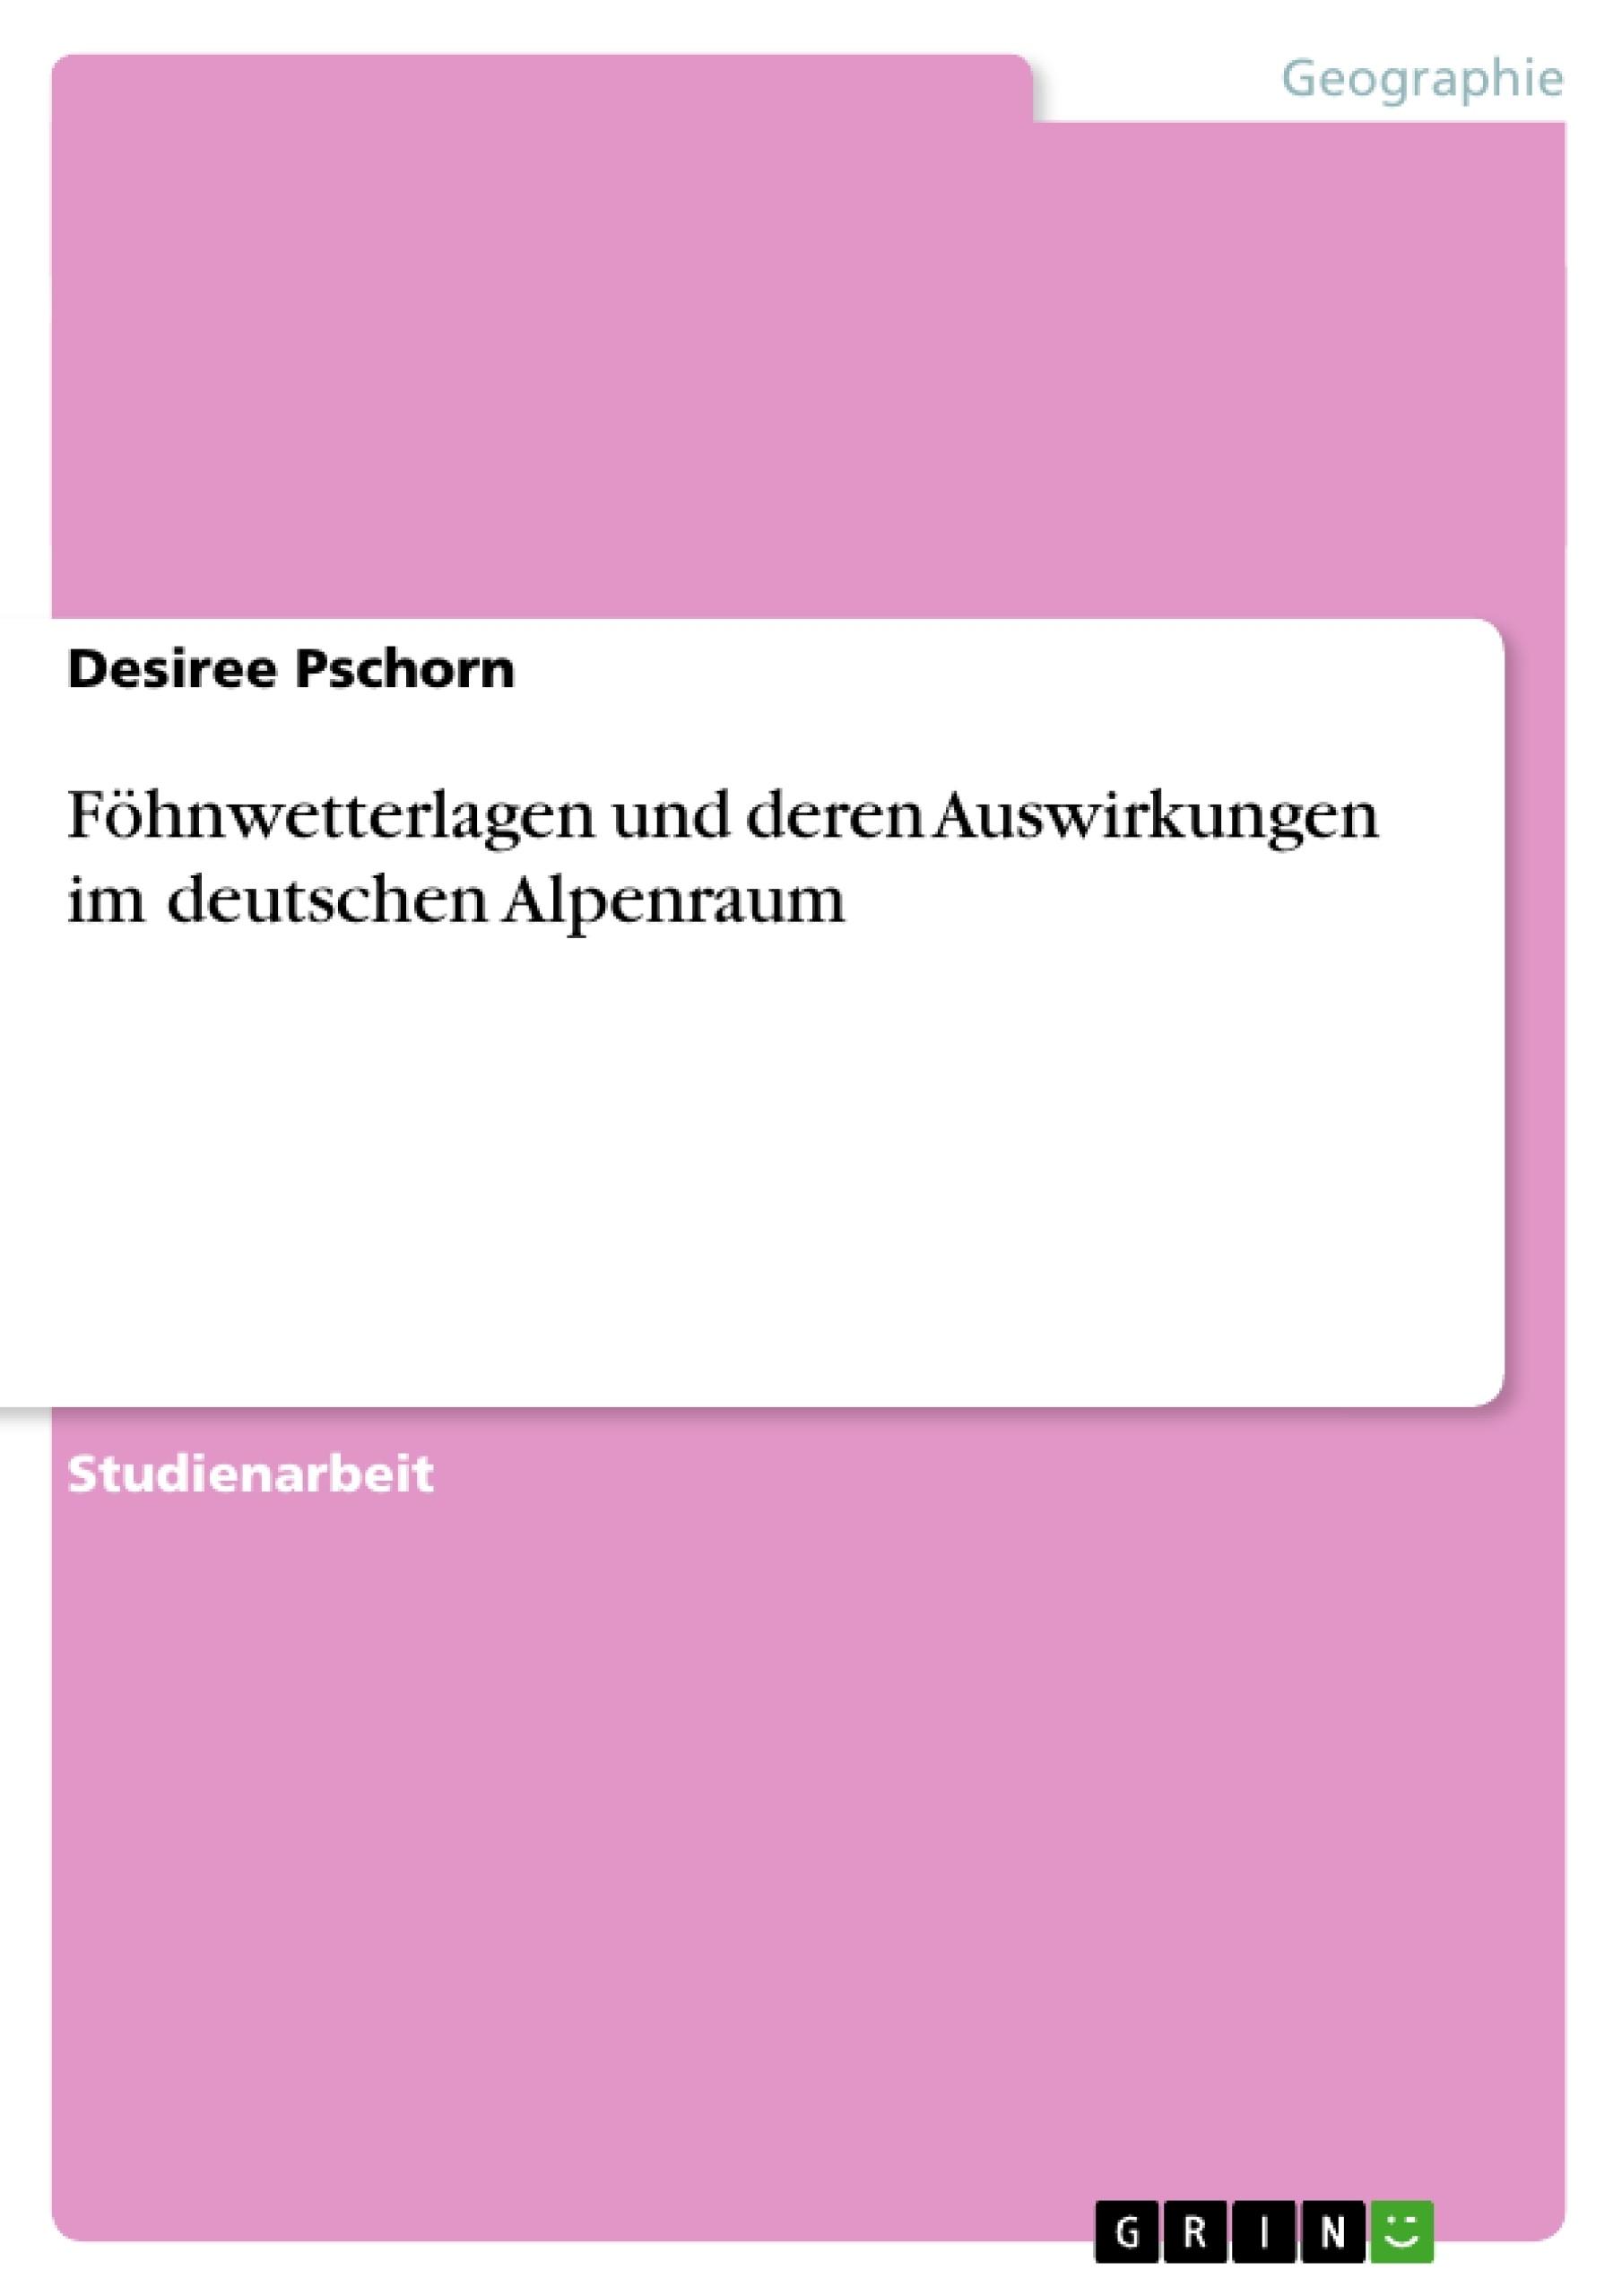 Titel: Föhnwetterlagen und deren Auswirkungen im deutschen Alpenraum